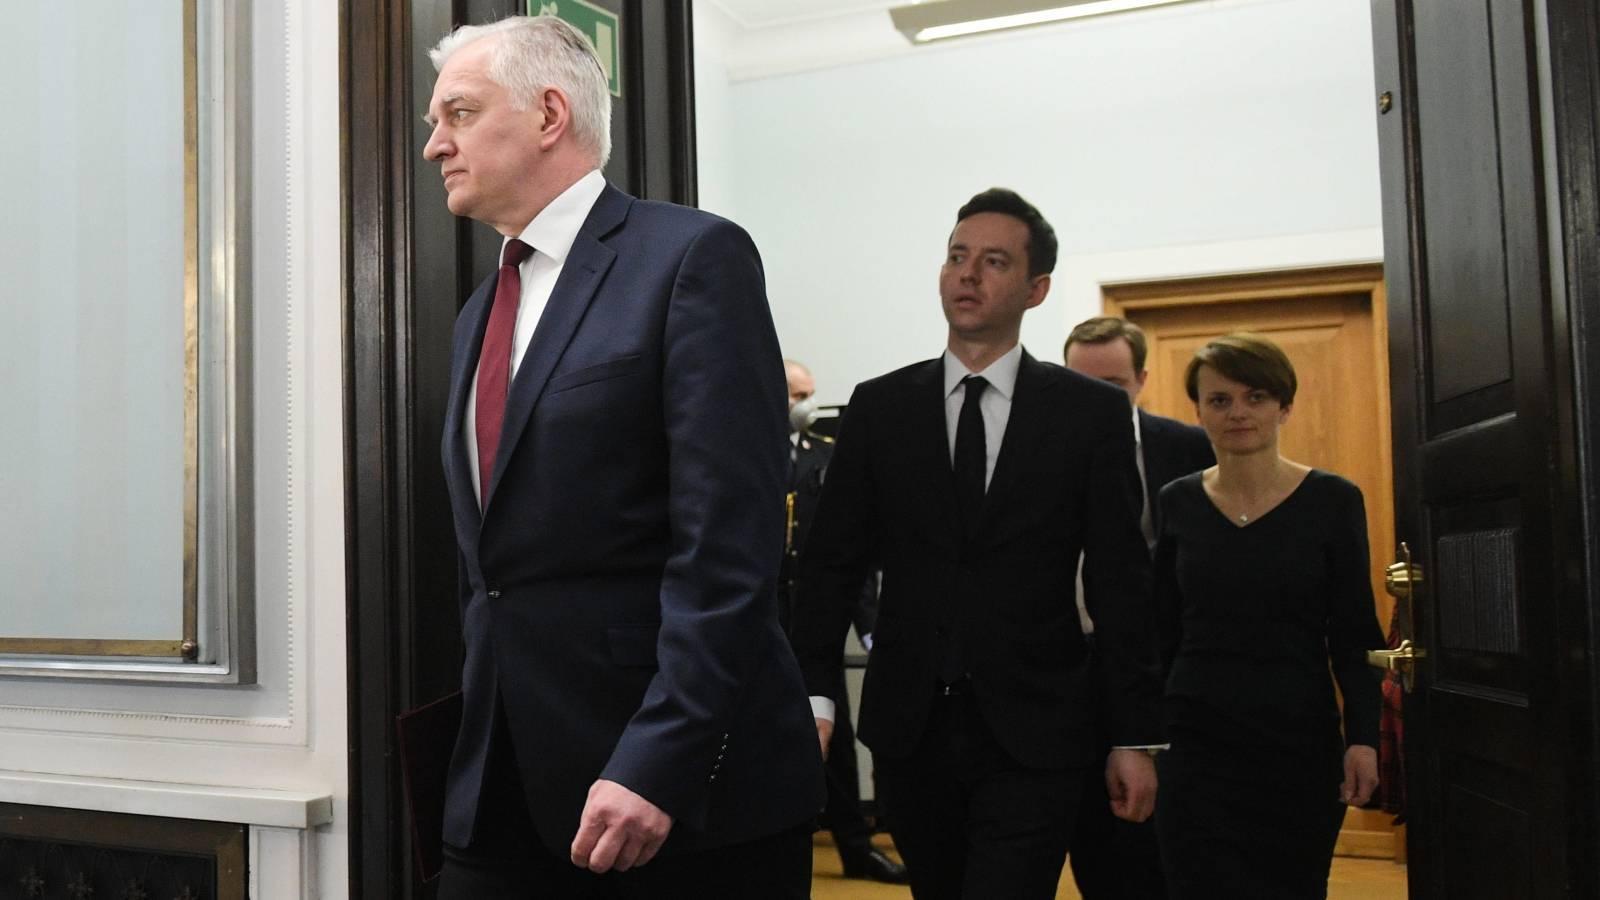 03.04.2020   Jarosław Gowin proponuje zmienić konstytucję. Opozycja jest przeciwna